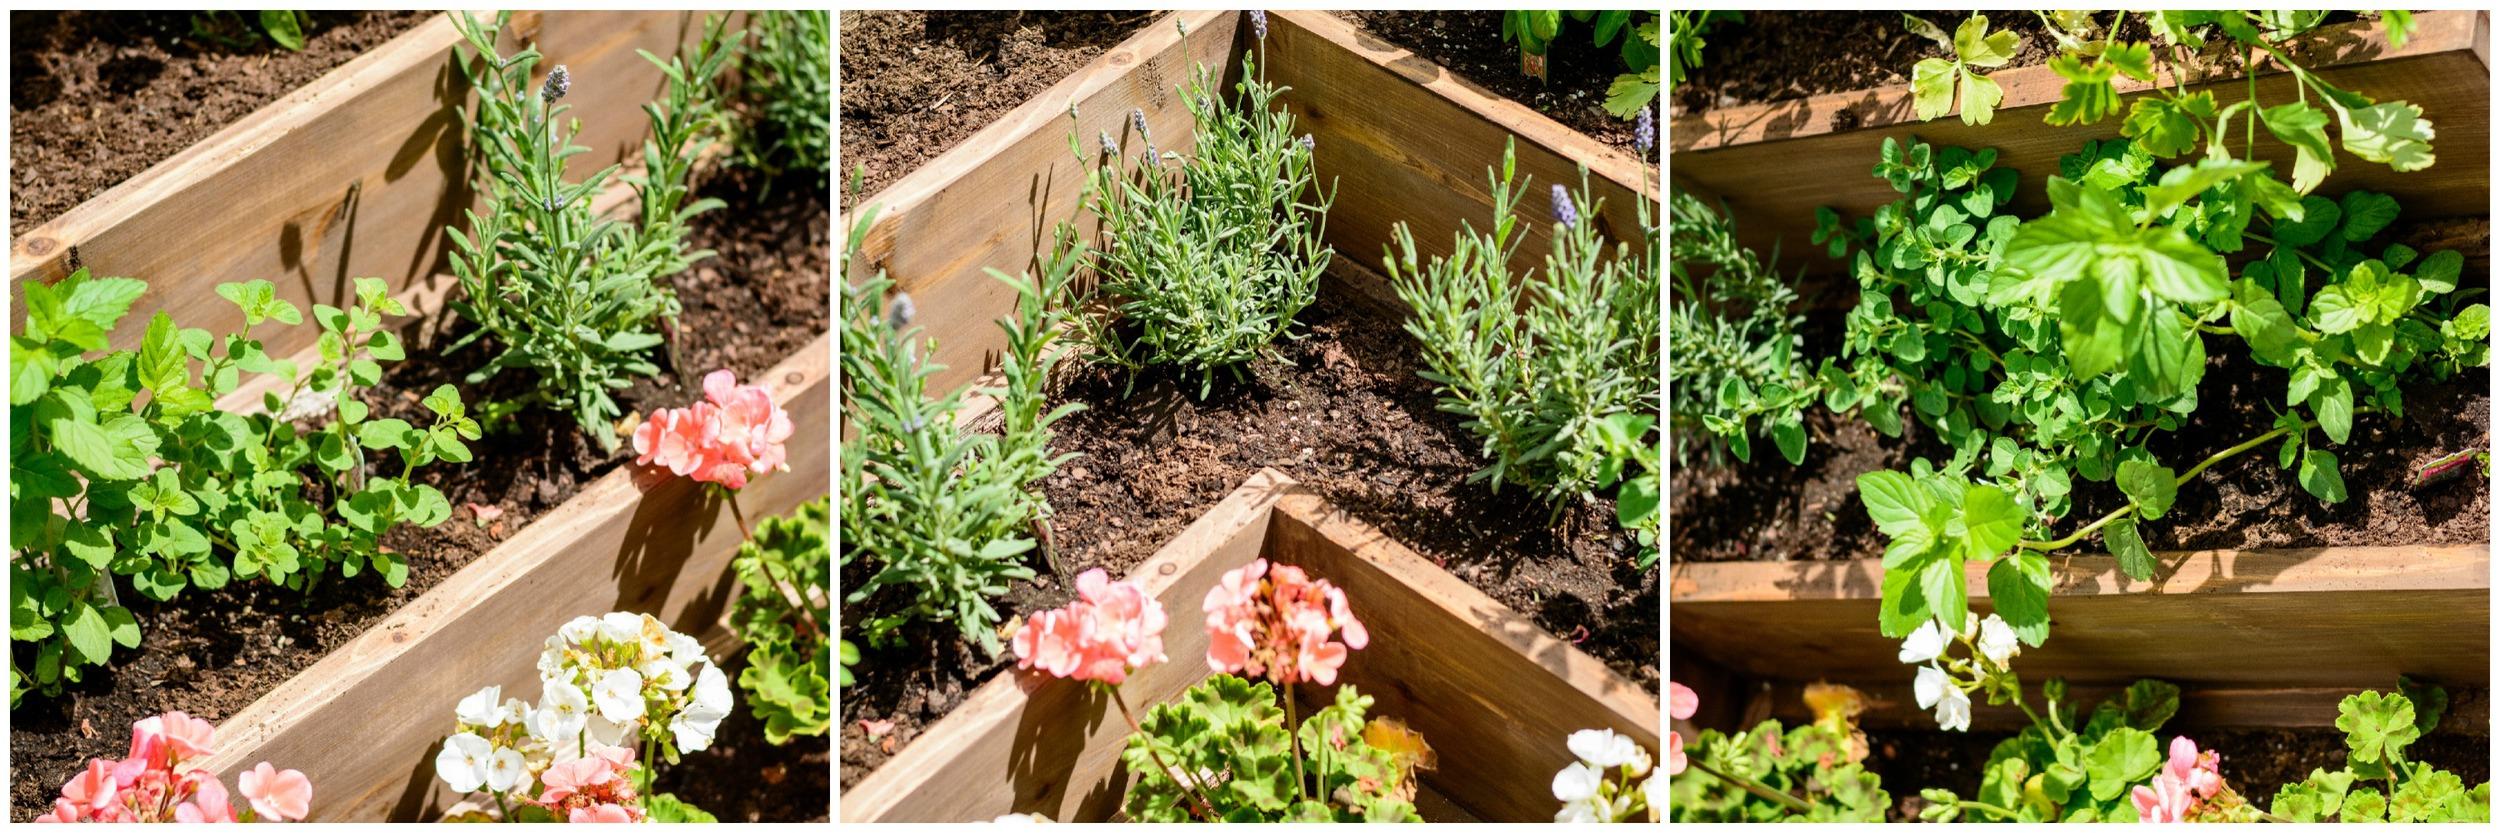 DIY Tiered Herb Garden